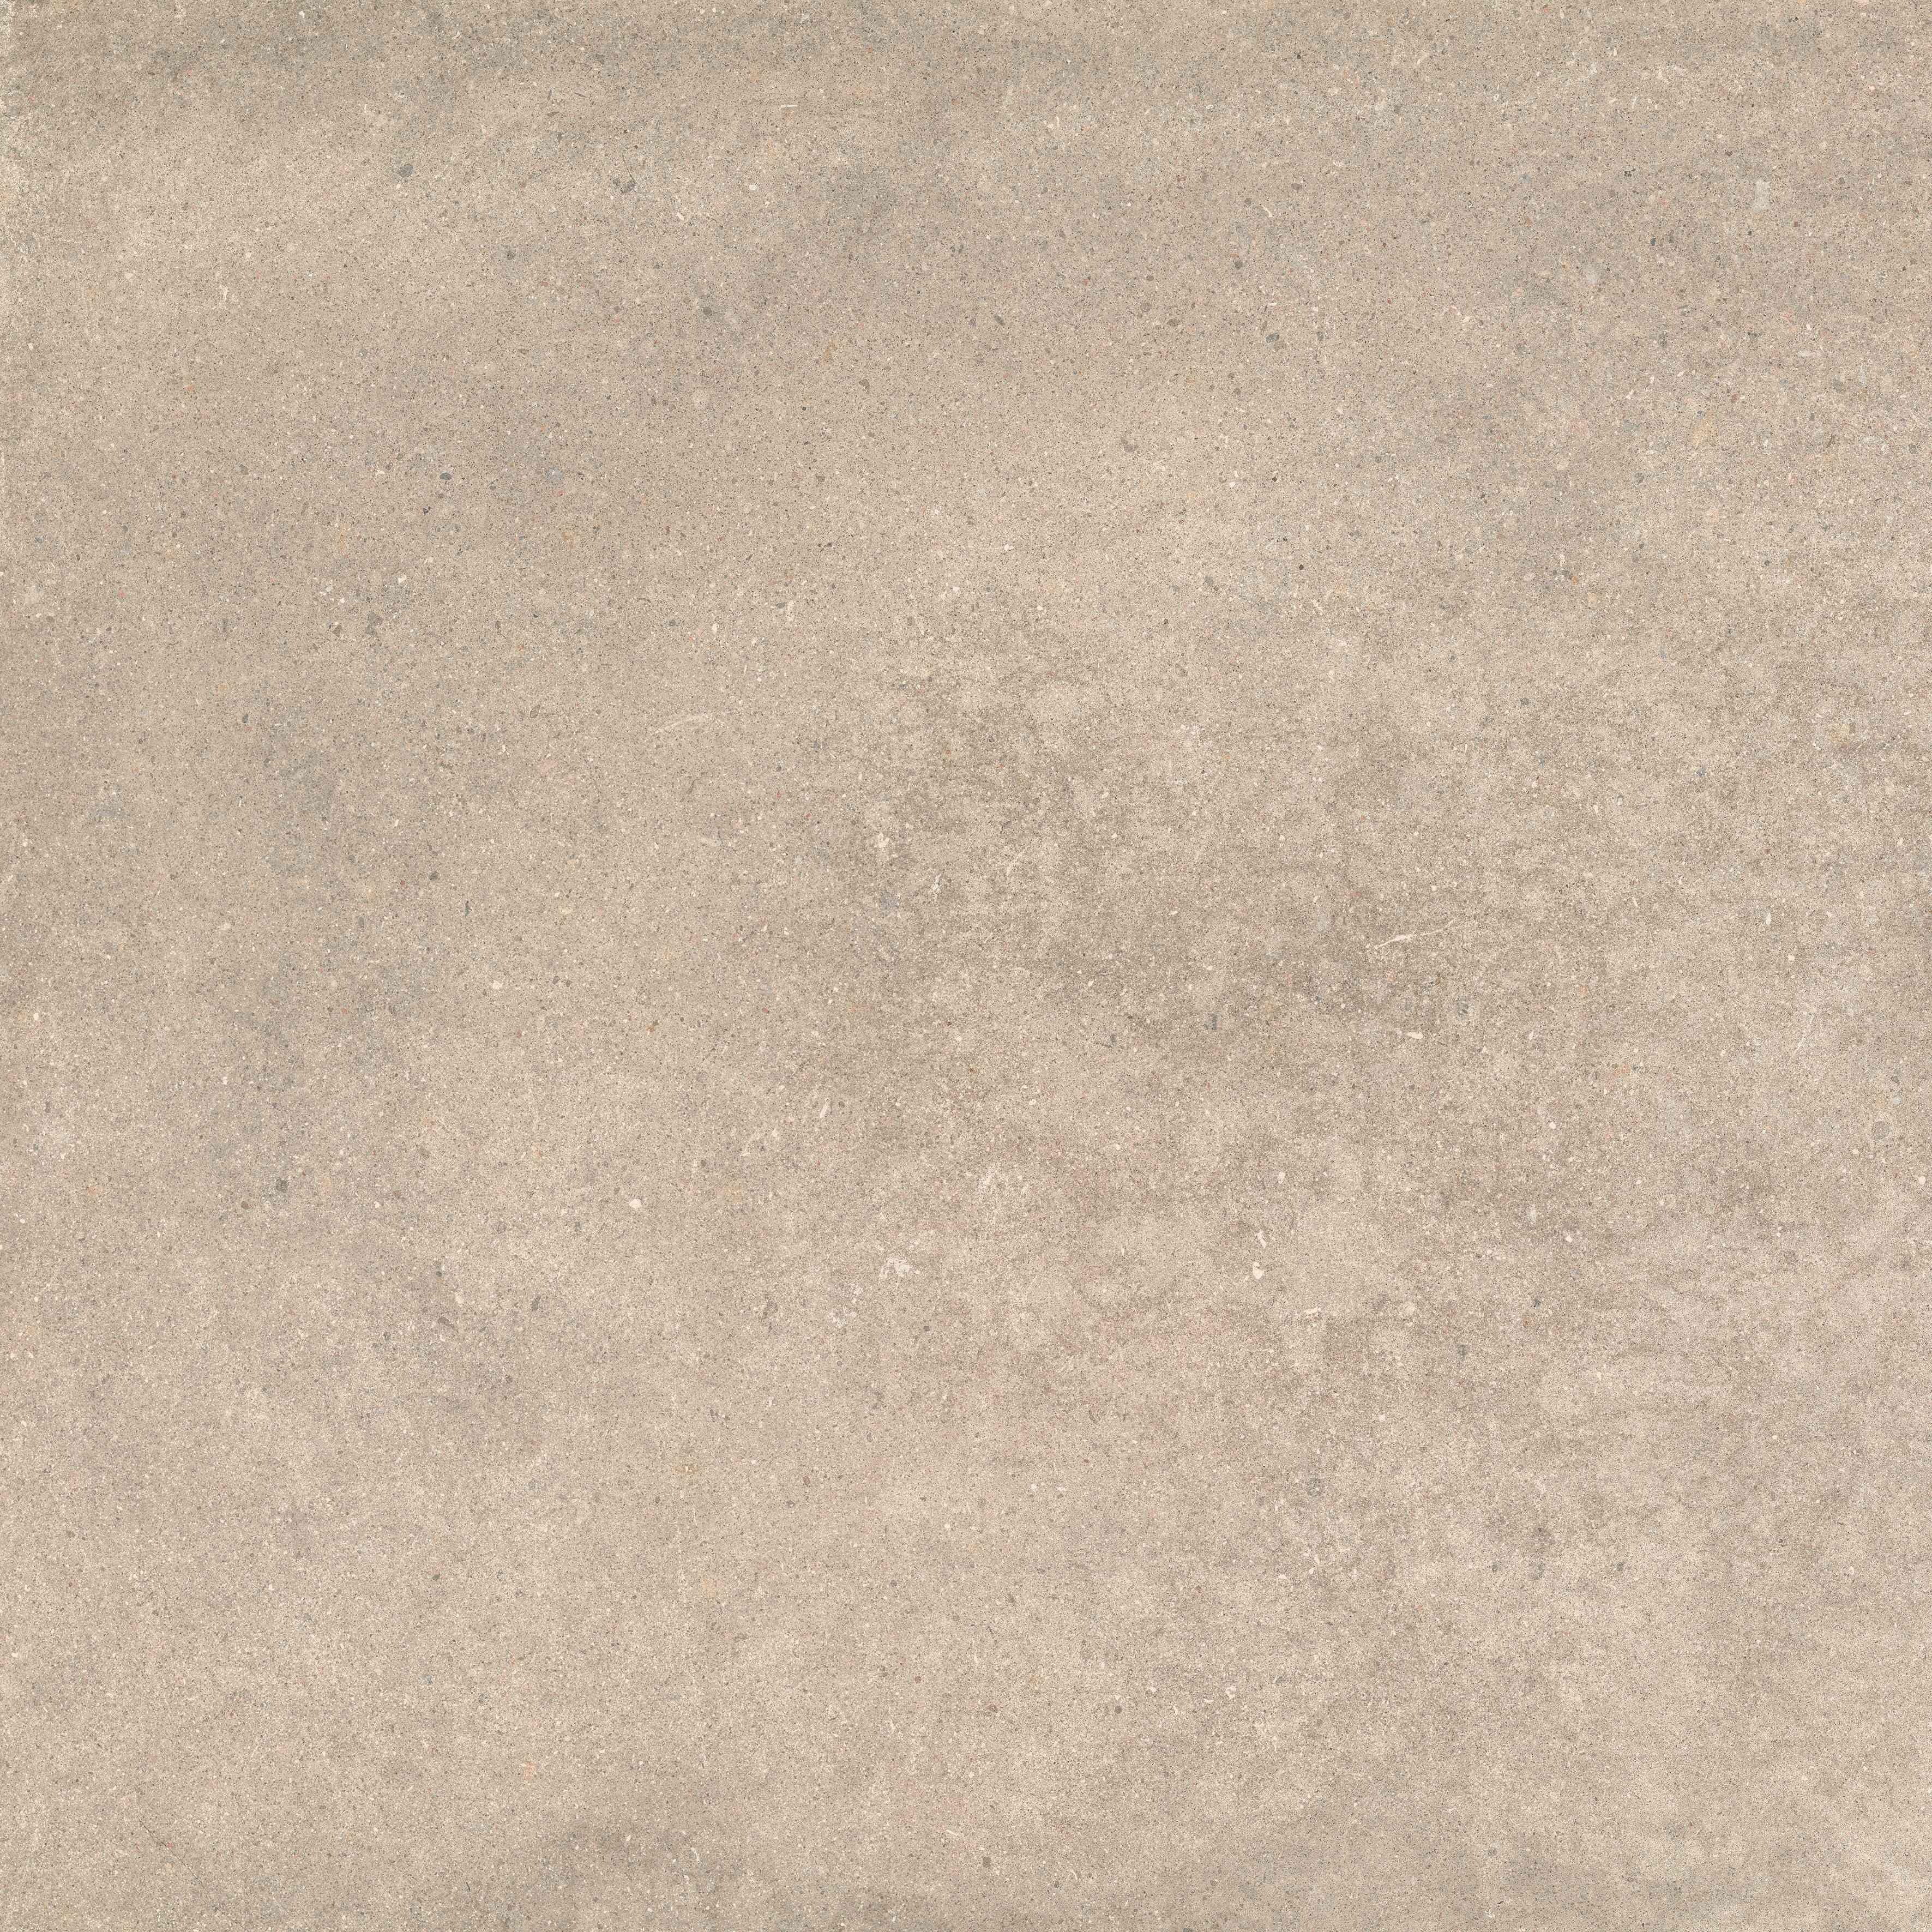 Плитка SABBIA (ZRXRM3R) изображение 8